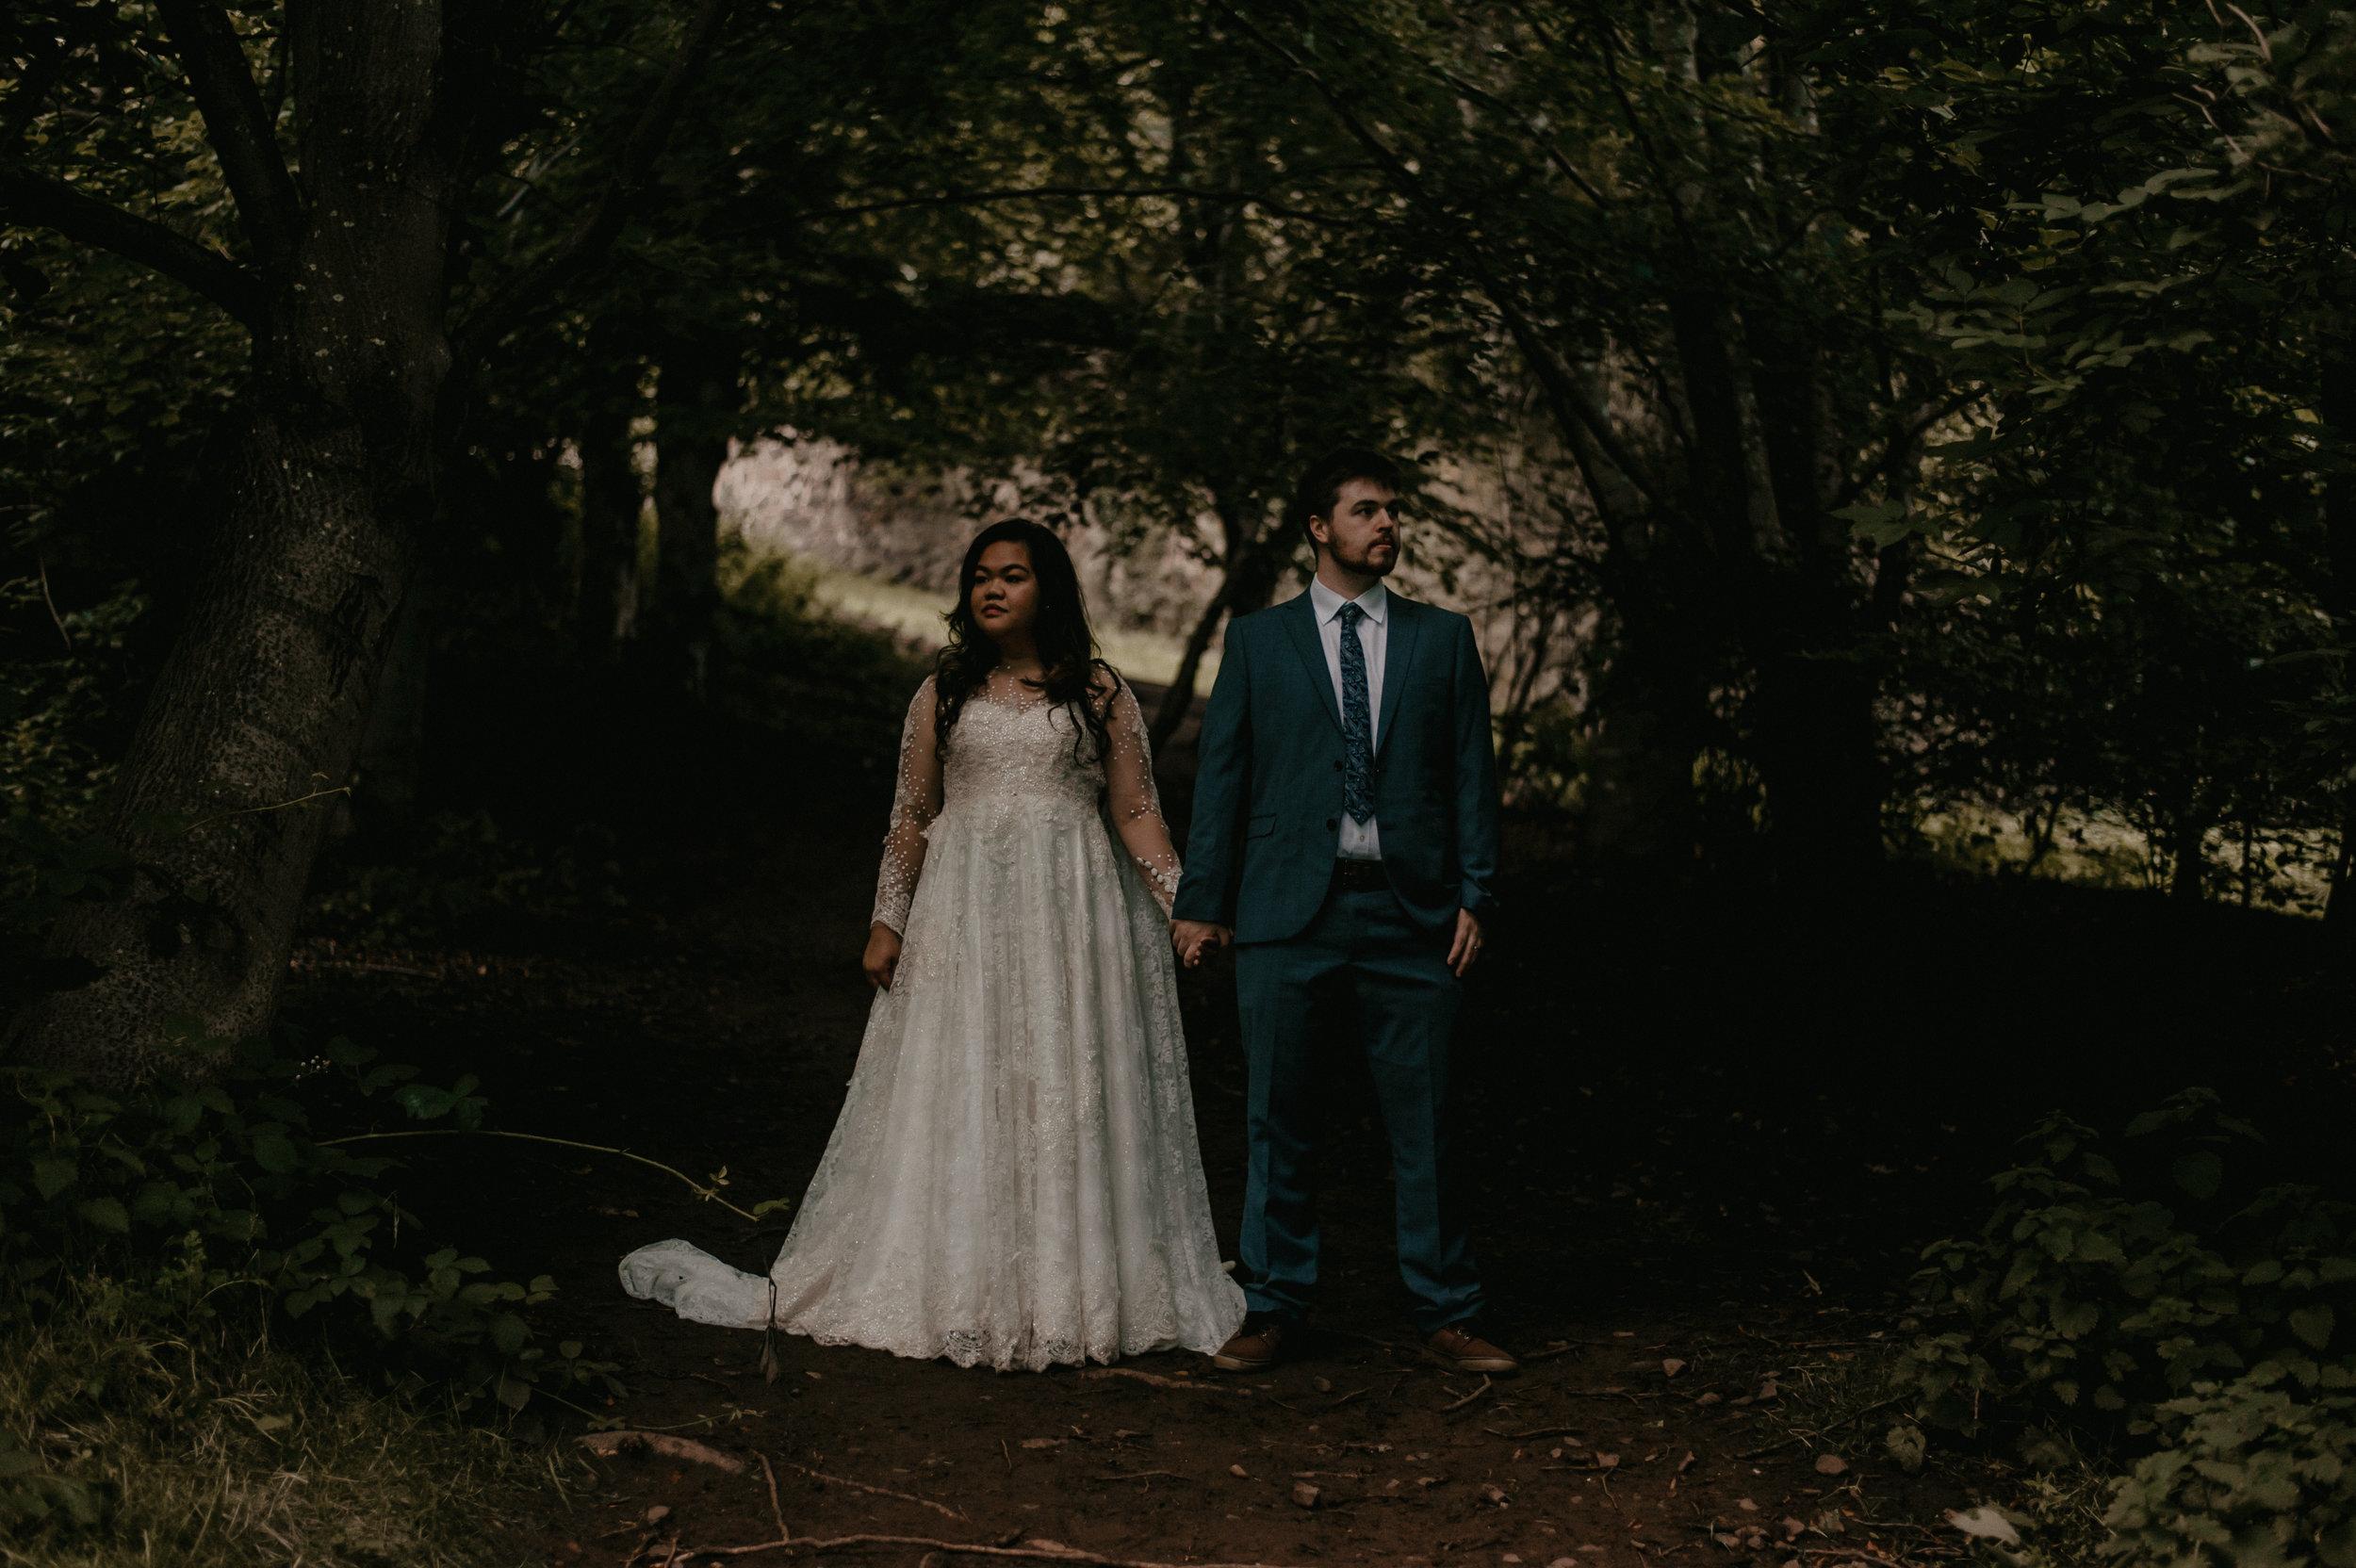 Grace & Darius